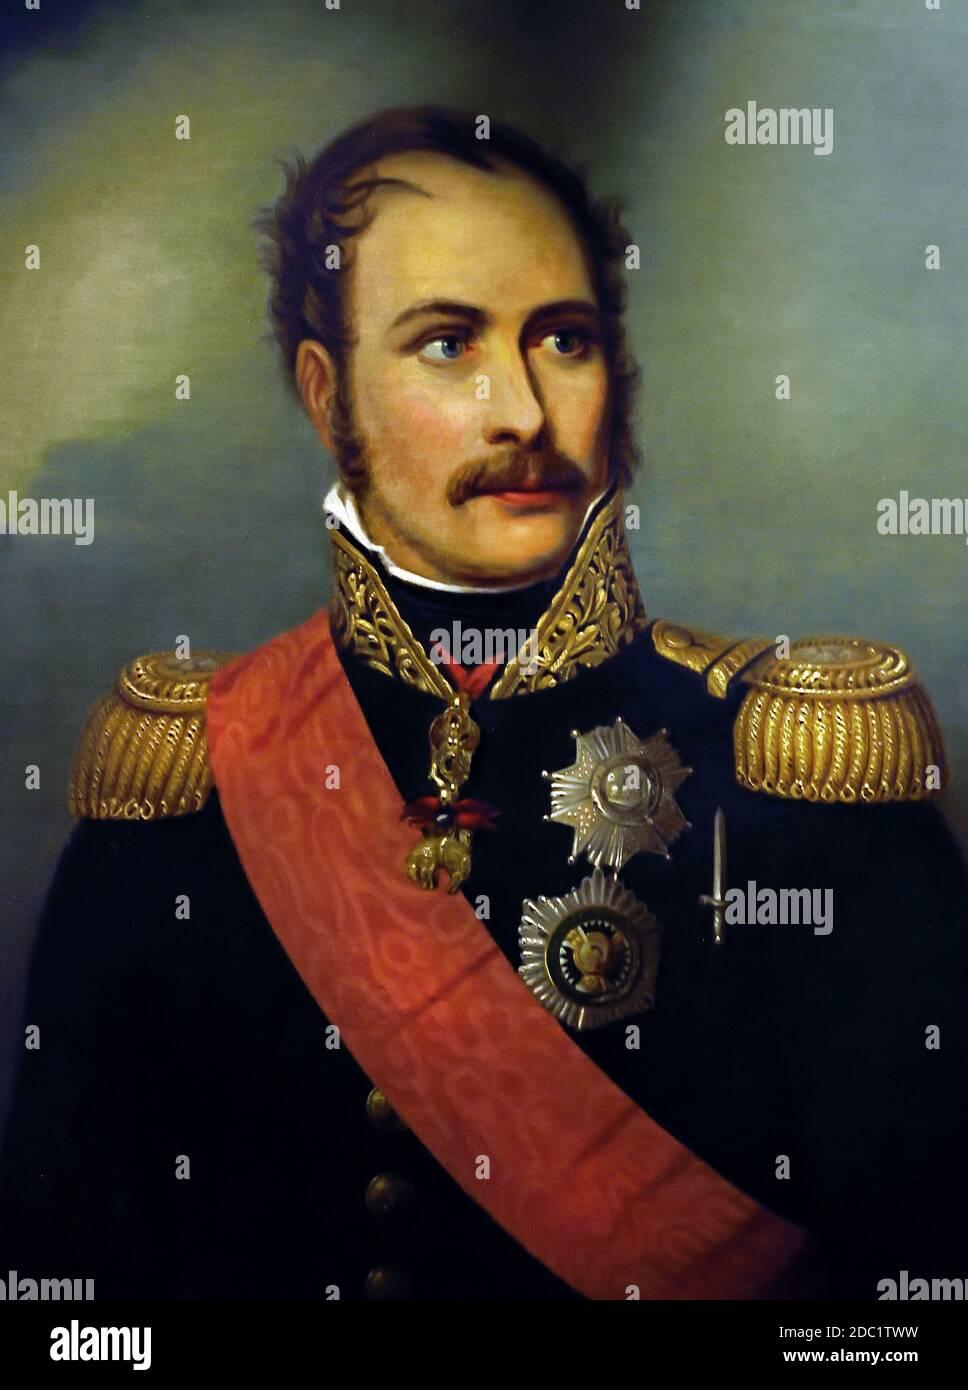 Príncipe Eugenio de Beauharnais 1781-1824 Francia, francés. ( ejército del emperador Napoleón Bonaparte ) Foto de stock